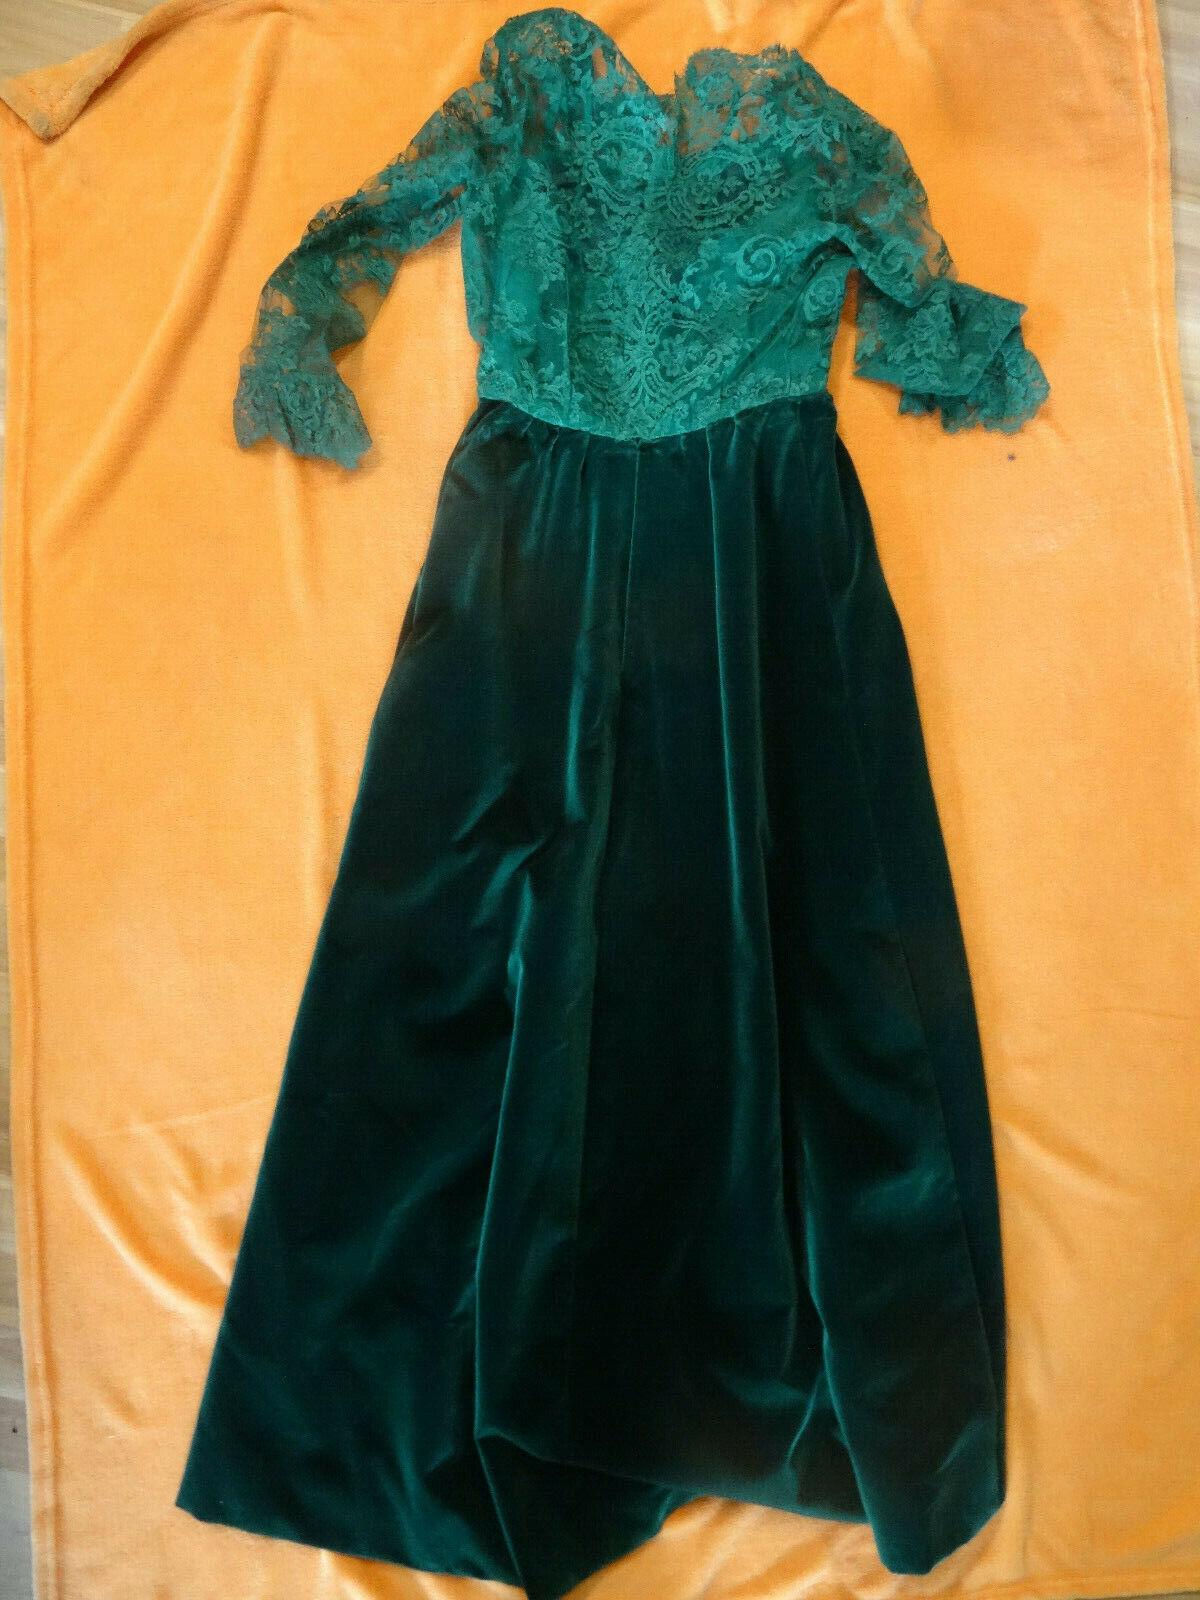 Tolles Abendkleid von Uki Richter dunkelgrüner Samt mit hellgrünen Rüschen  H32